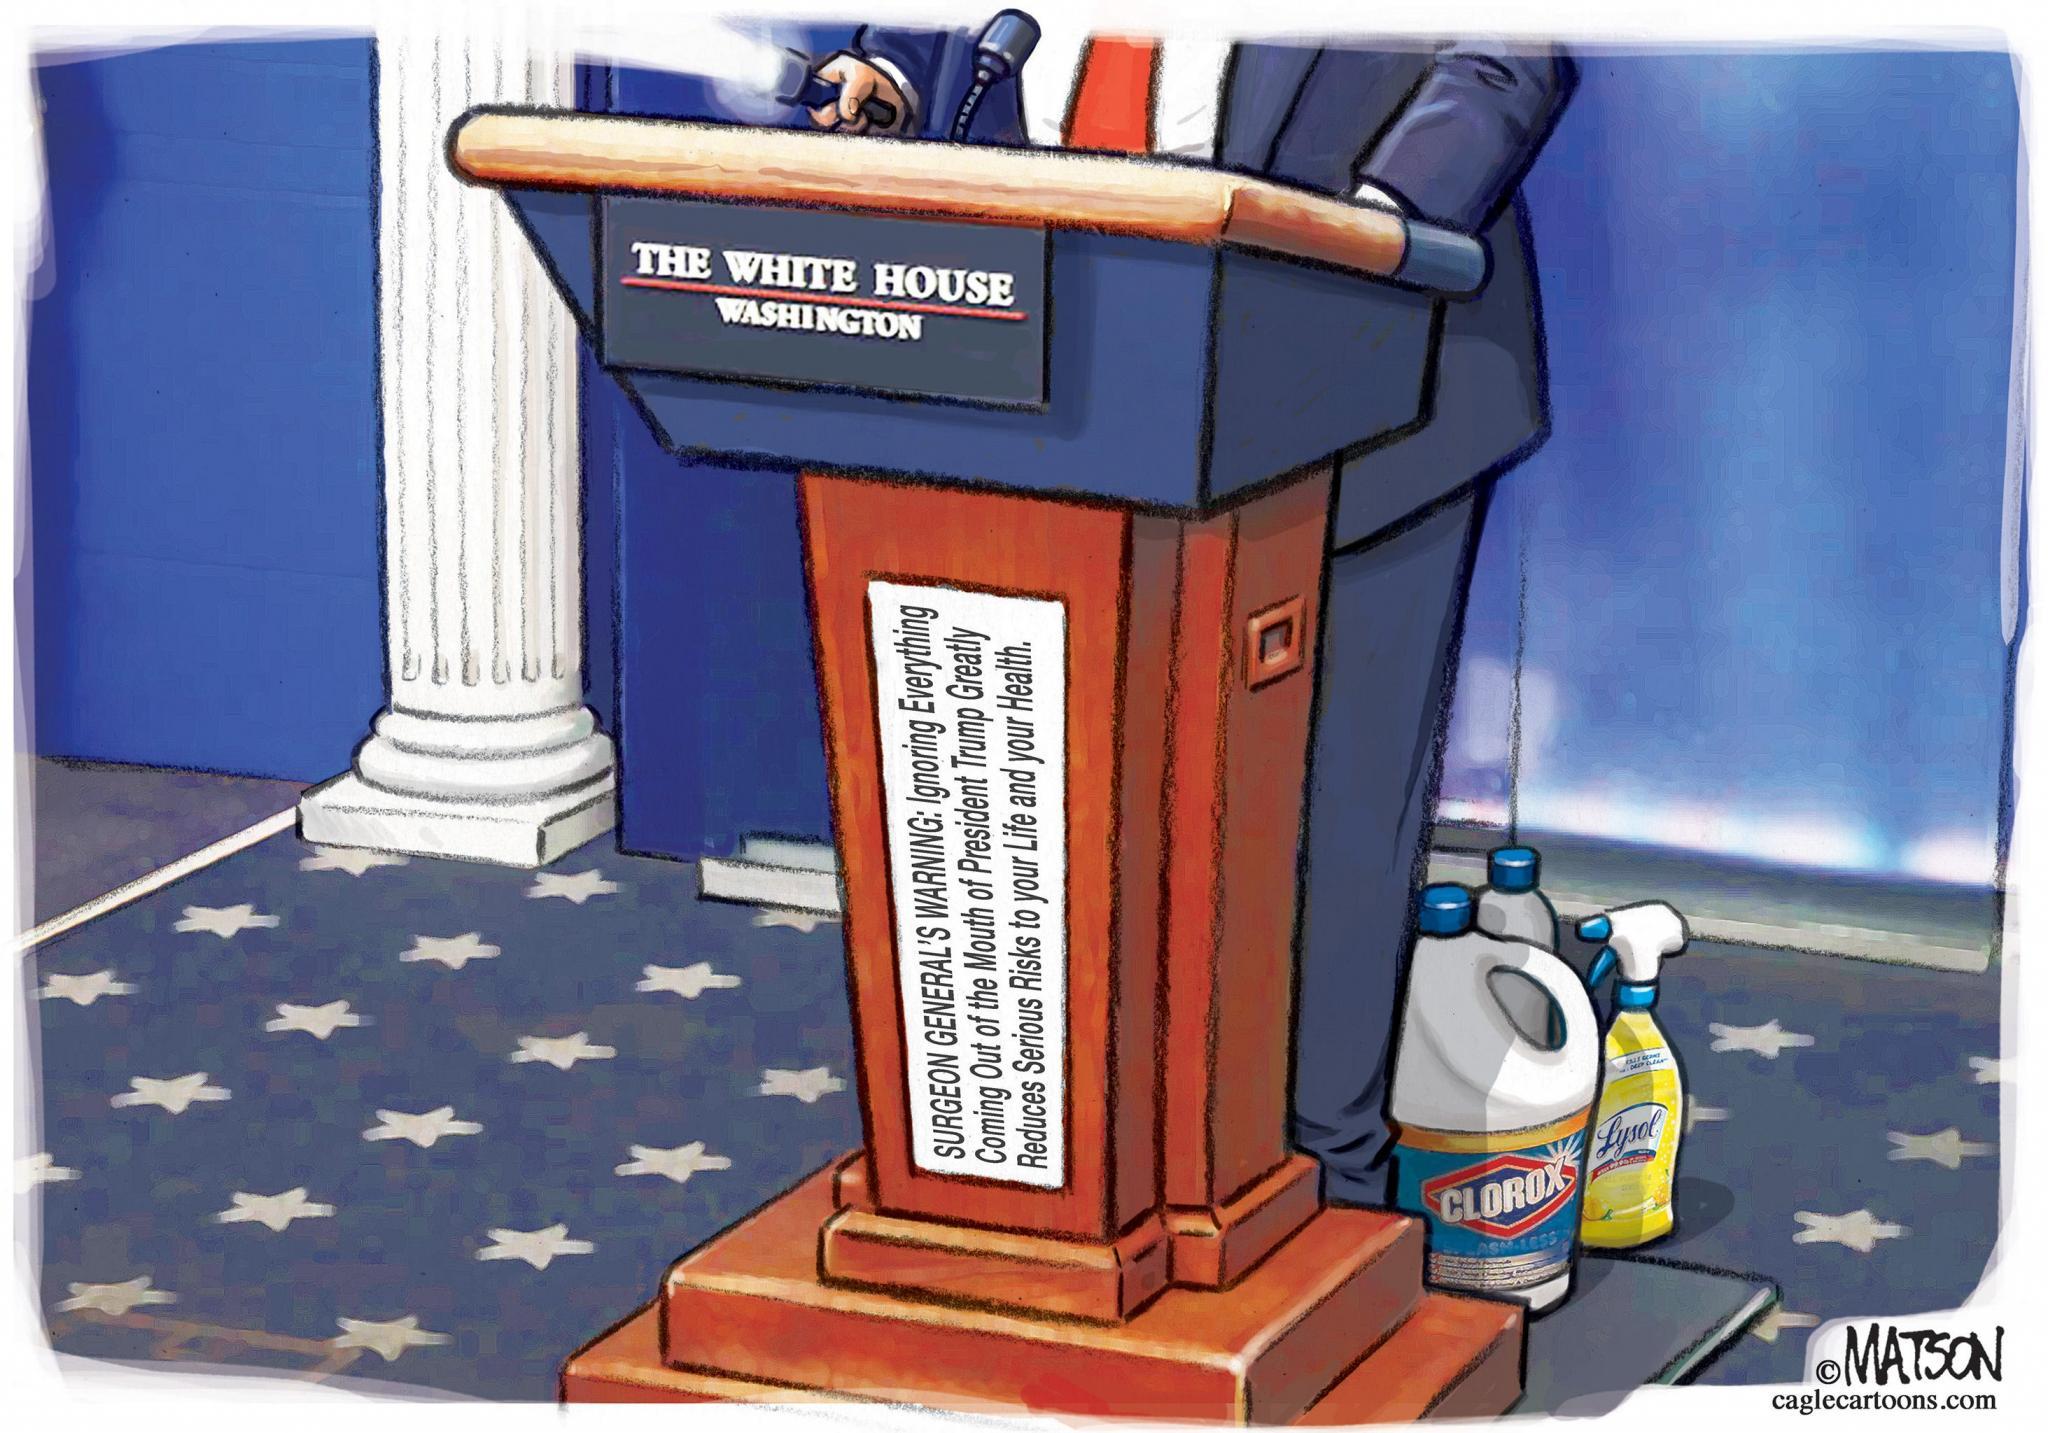 Political cartoons - the 'funny' pics thread.-7305aa42-2253-471d-a81b-d371d4a444c7-toon